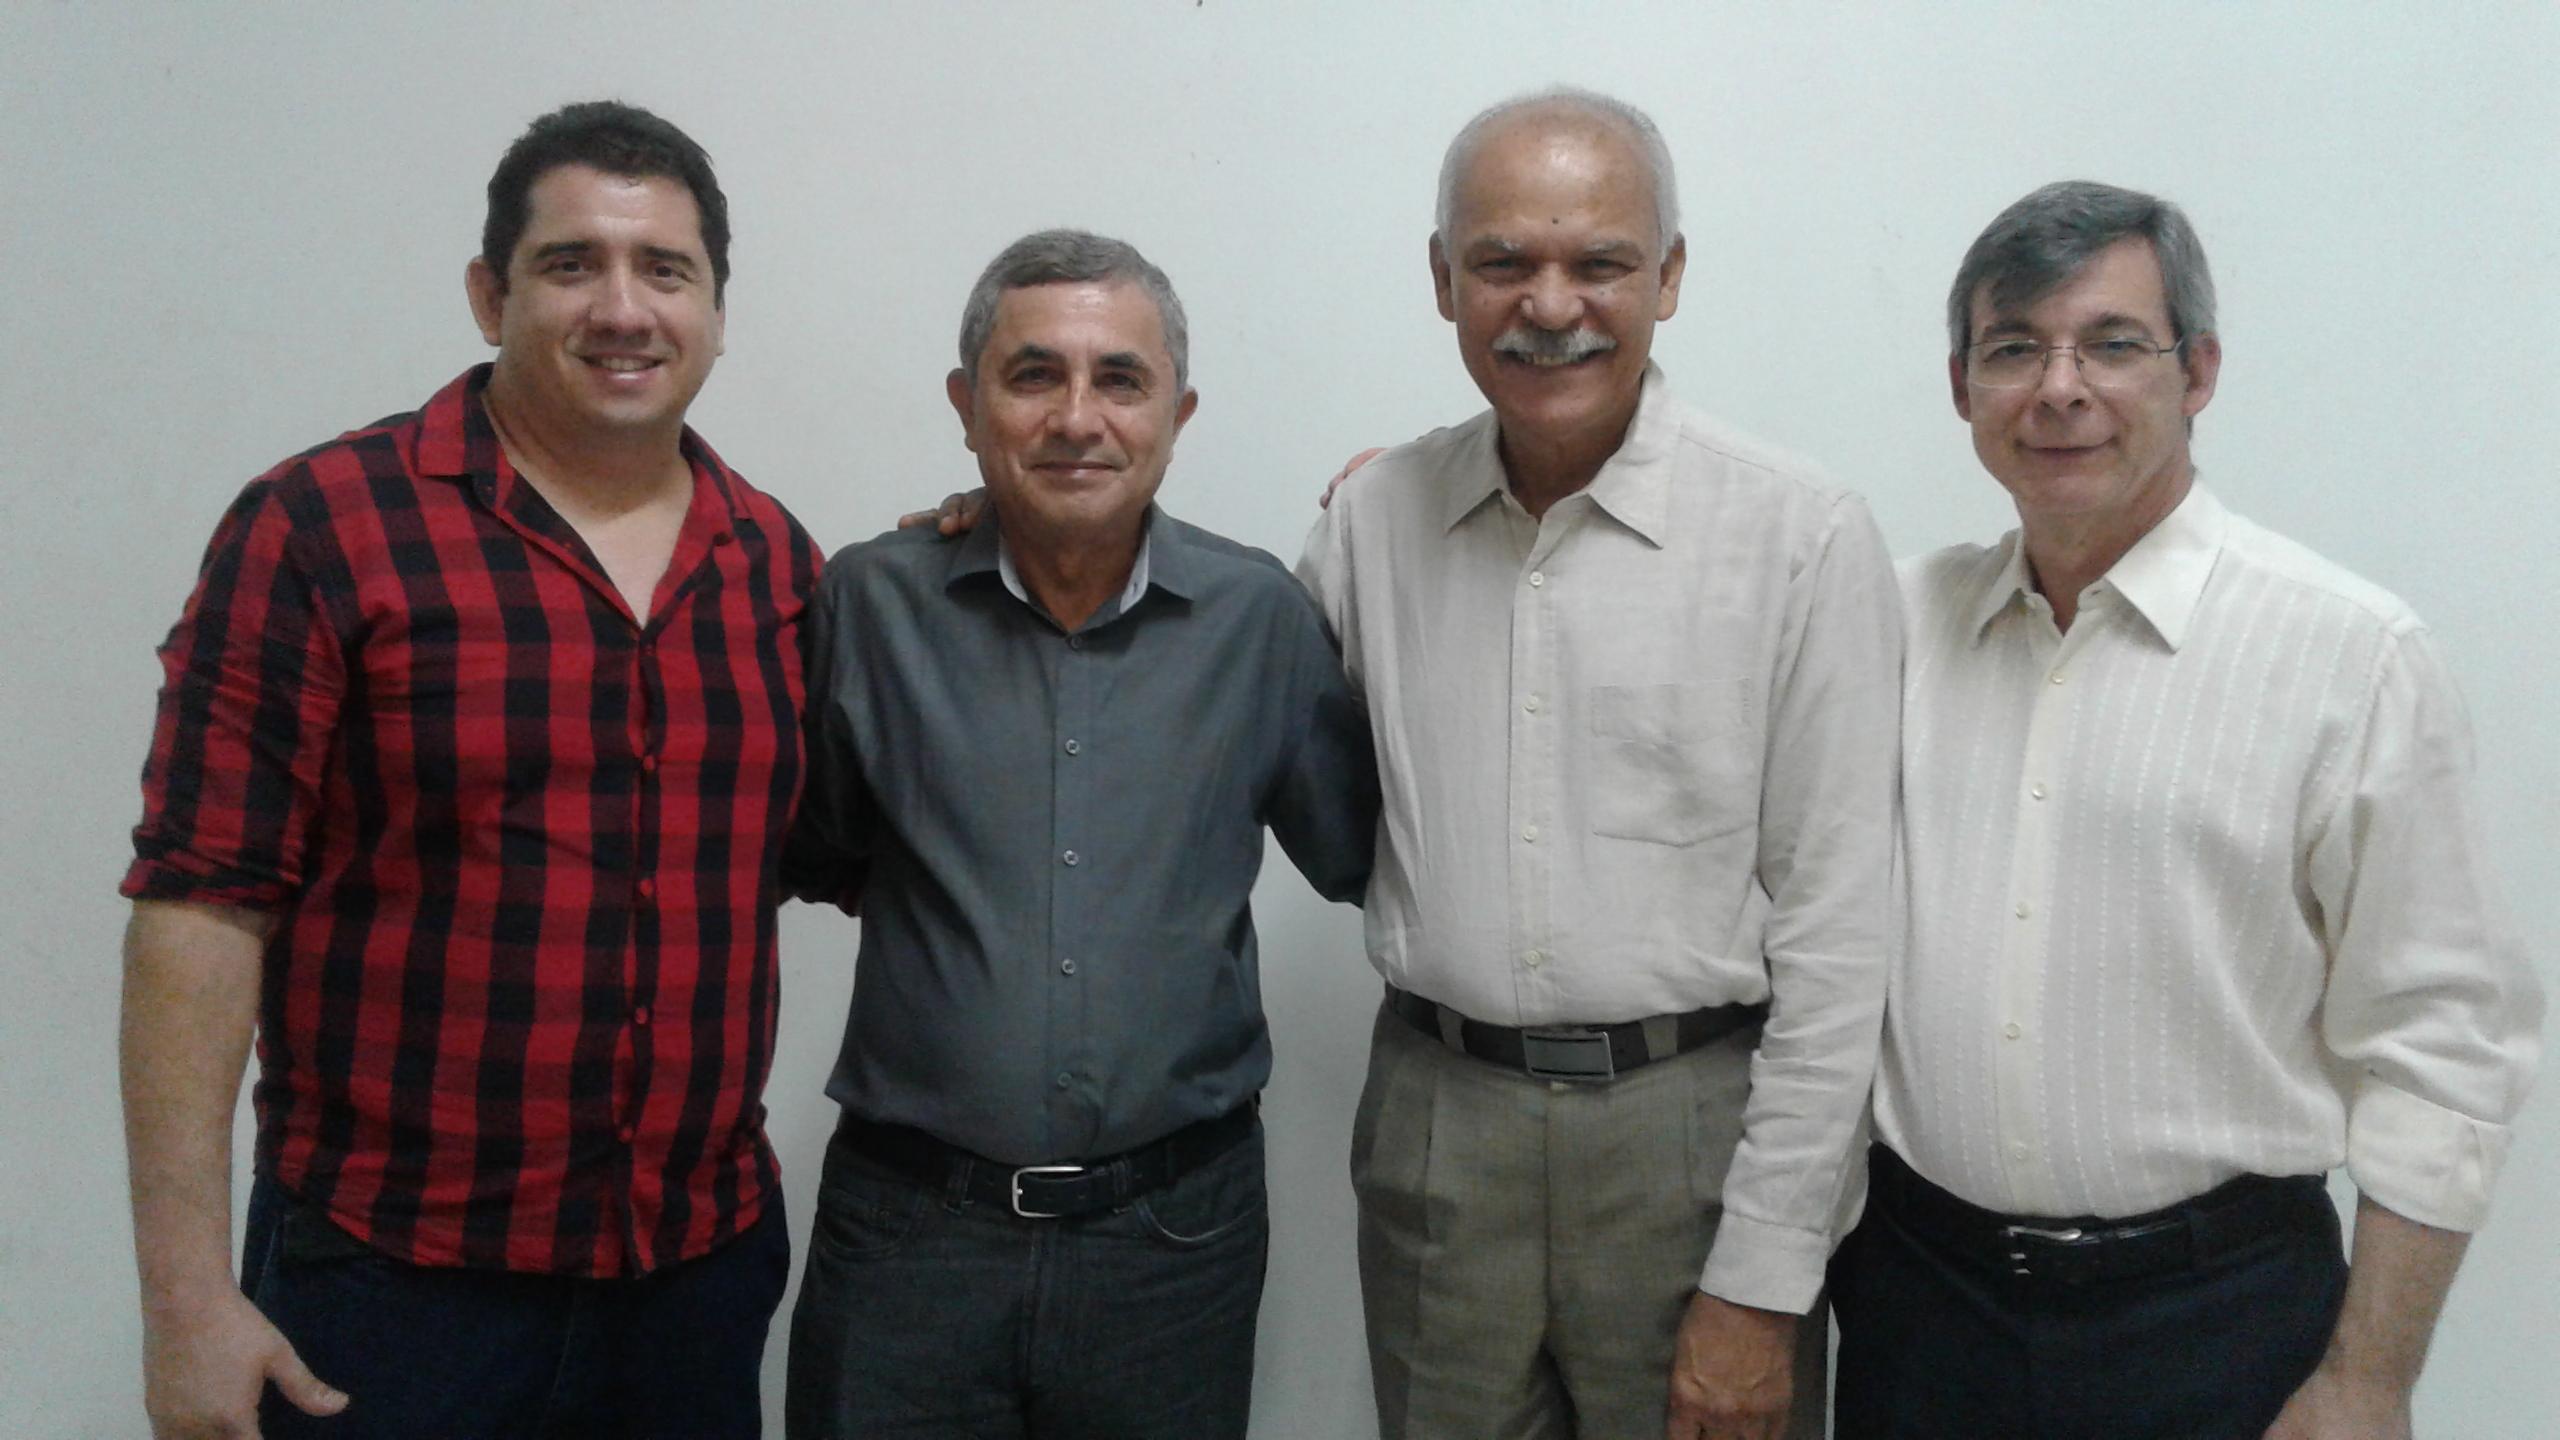 FEB participa do 32º Encontro da Região Tocantina em Imperatriz-MA